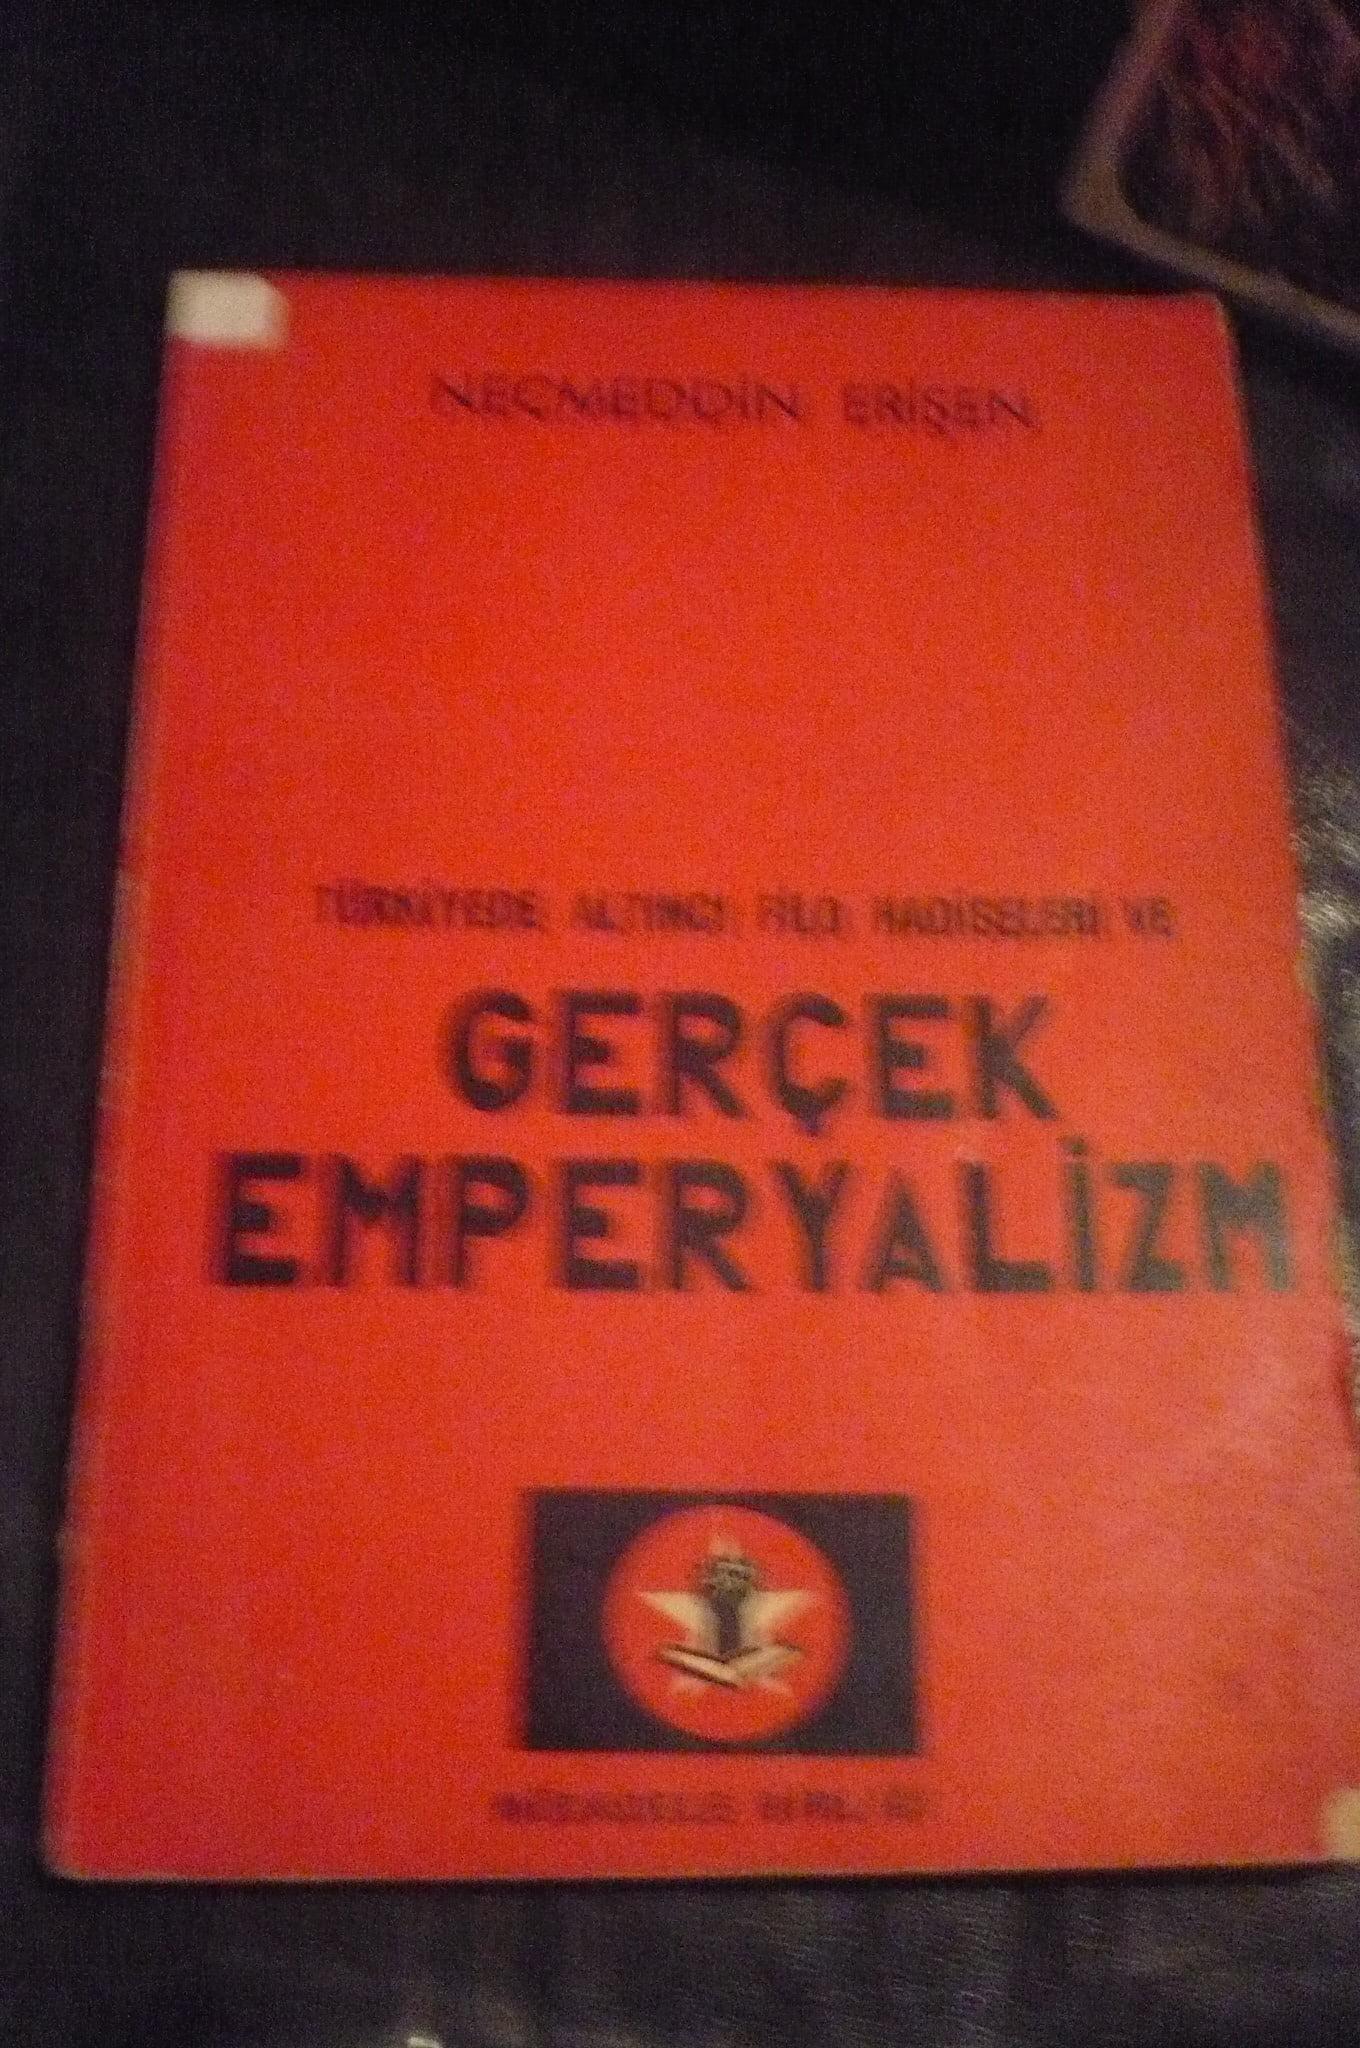 TÜRKİYEDE ALTINCI FİLO HADİSELERİ VE GERÇEK EMPERYALİZM/Necmettin ERİŞEN